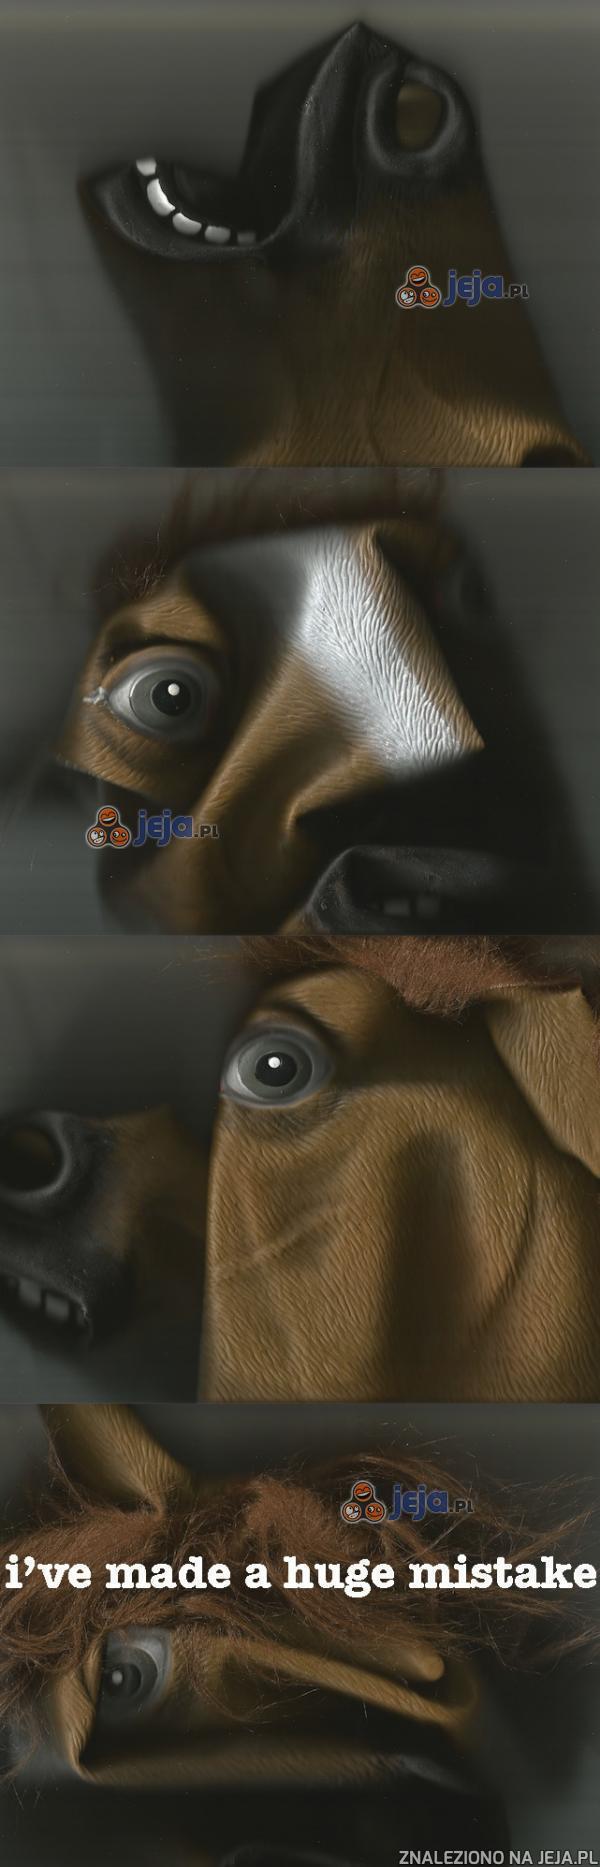 Głowa konia - trwa skanowanie...